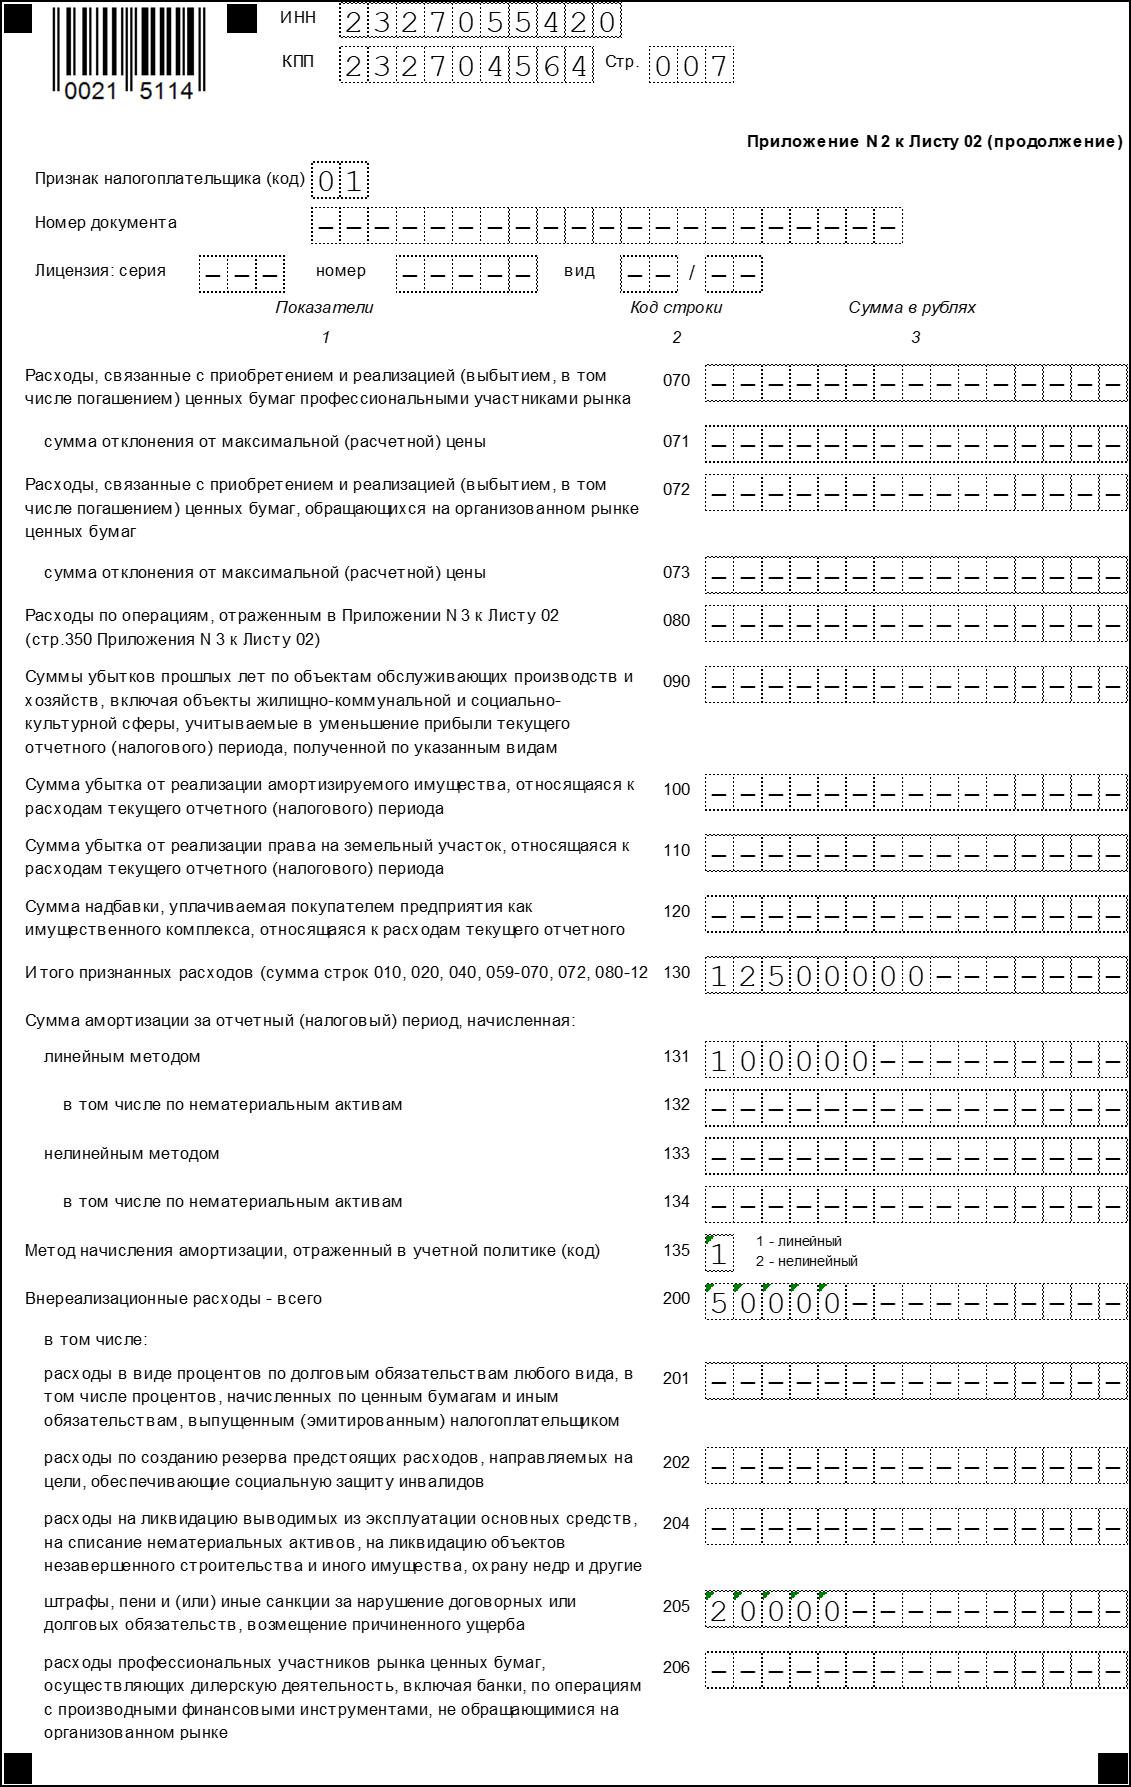 Приложение 2 к Листу 02 (продолжение) декларации по налогу на прибыль